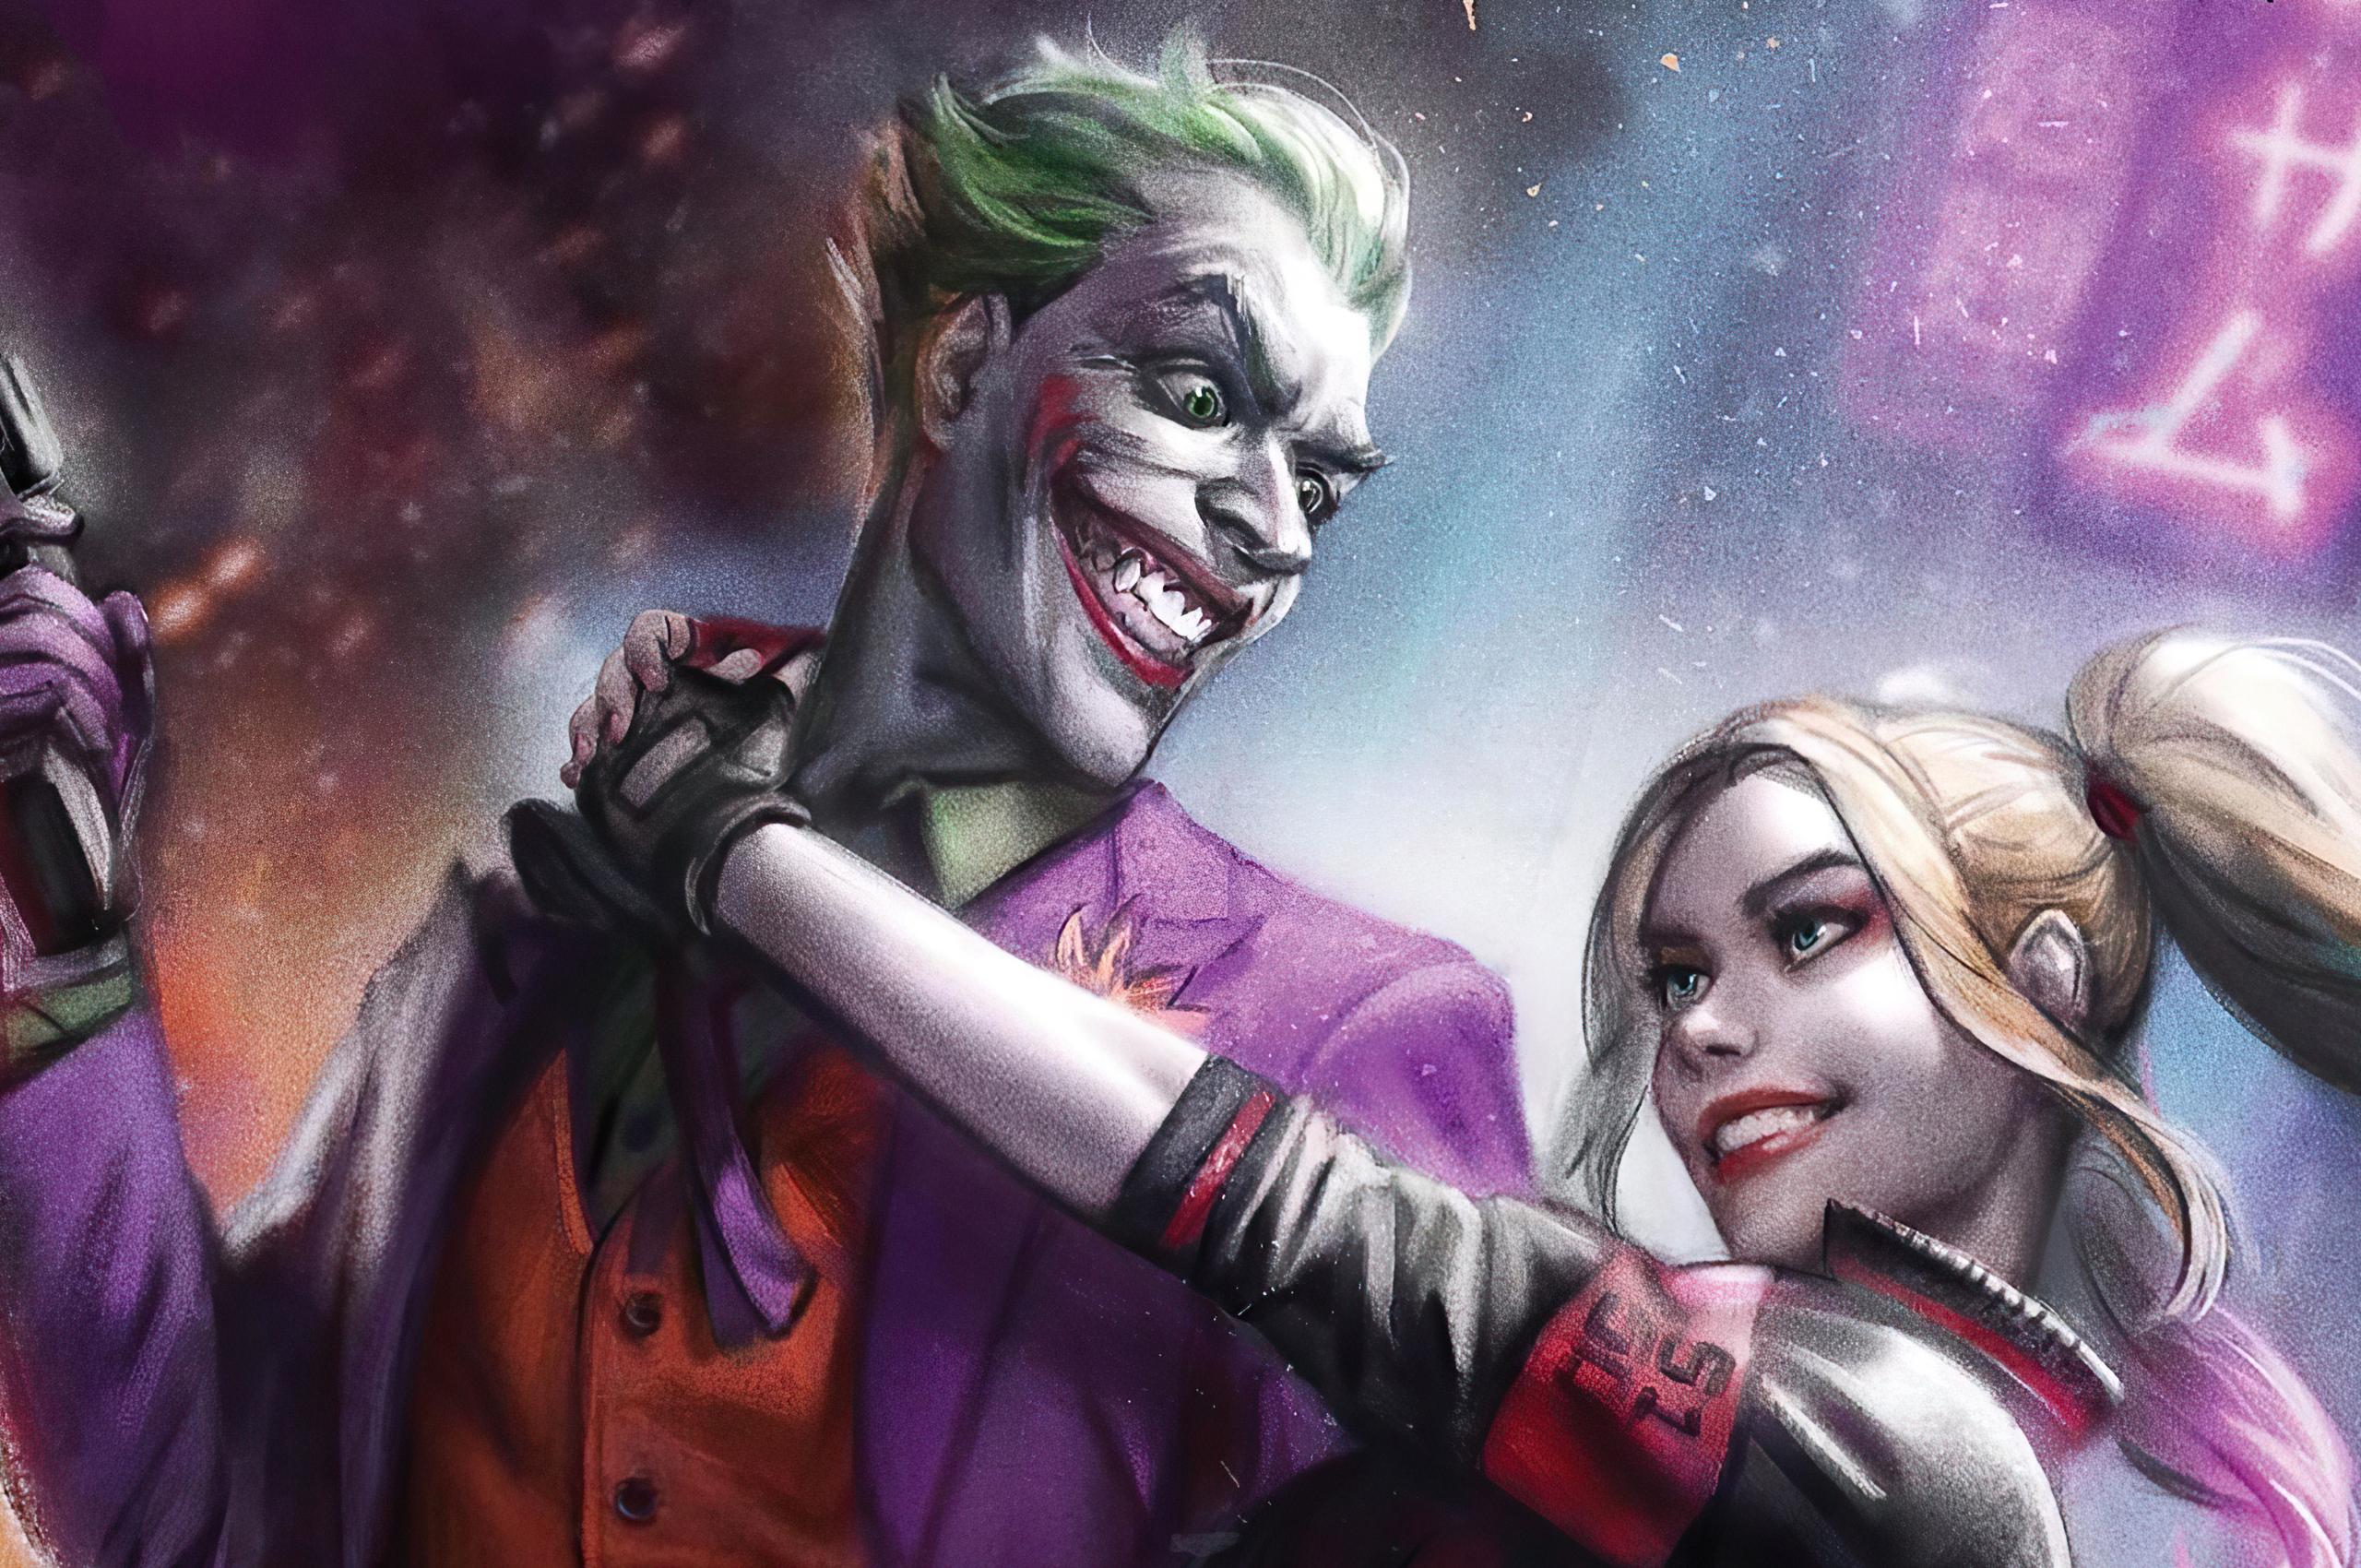 2560x1700 Joker And Harley Quinn 4k 2020 Chromebook Pixel ...